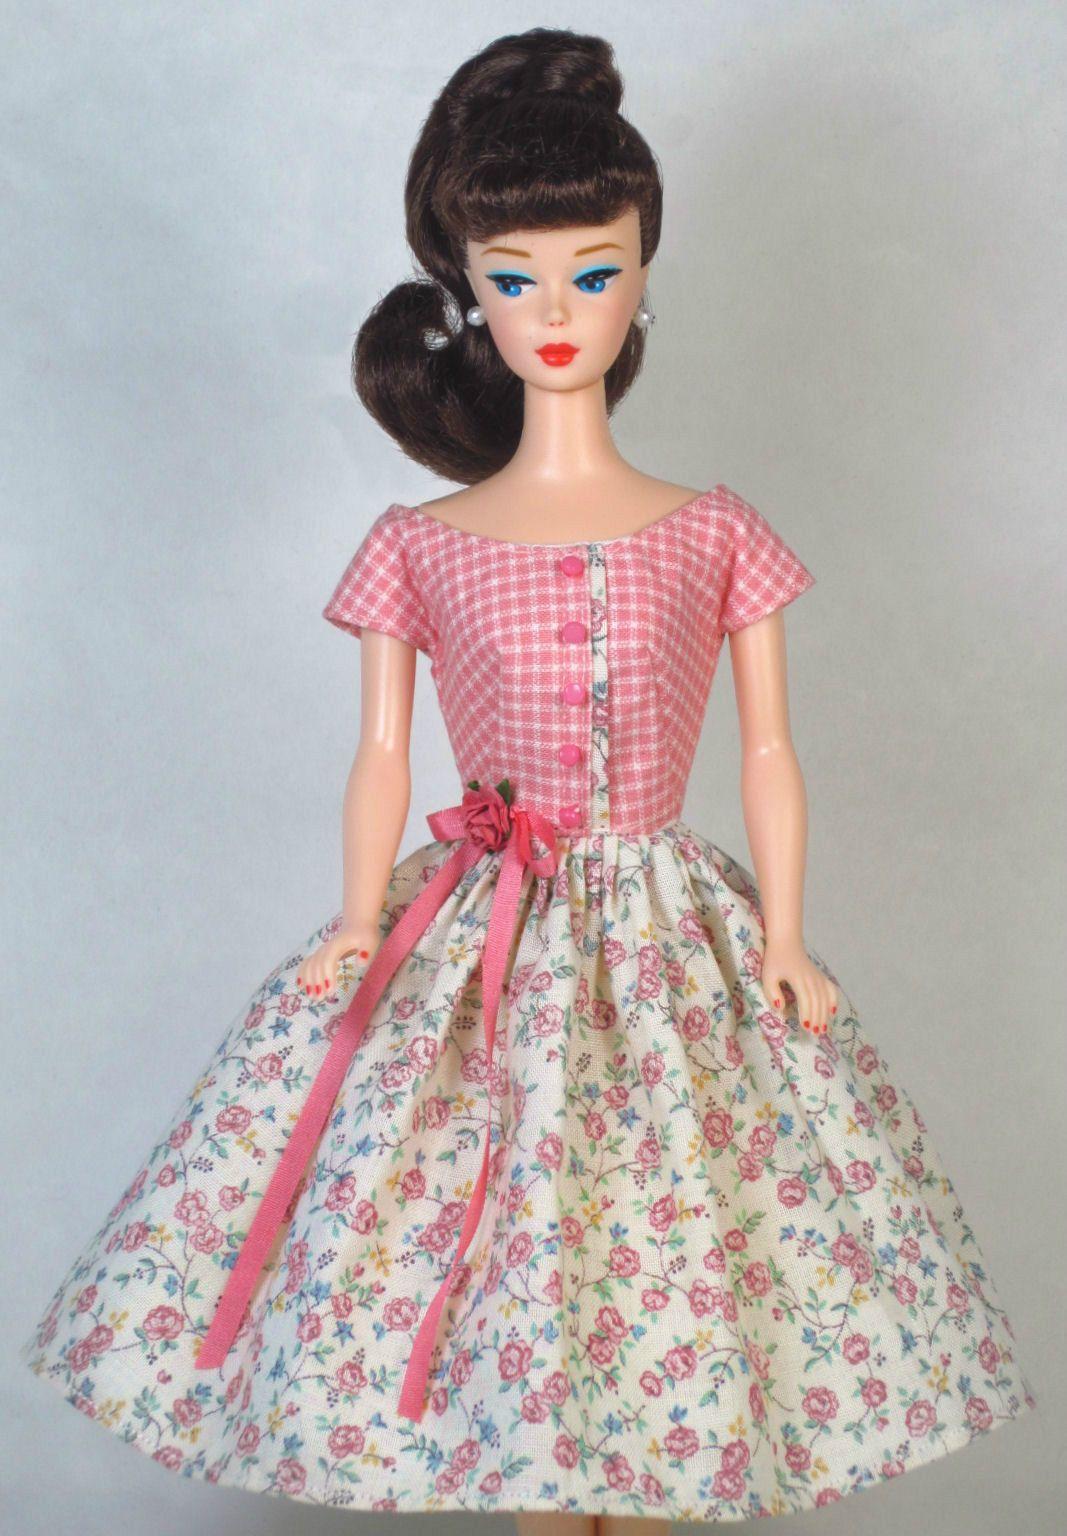 Sweet Floral Vintage Barbie Doll Dress Barbie Clothes Fashion Zipper Barbie Dress Barbie Clothes Doll Dress